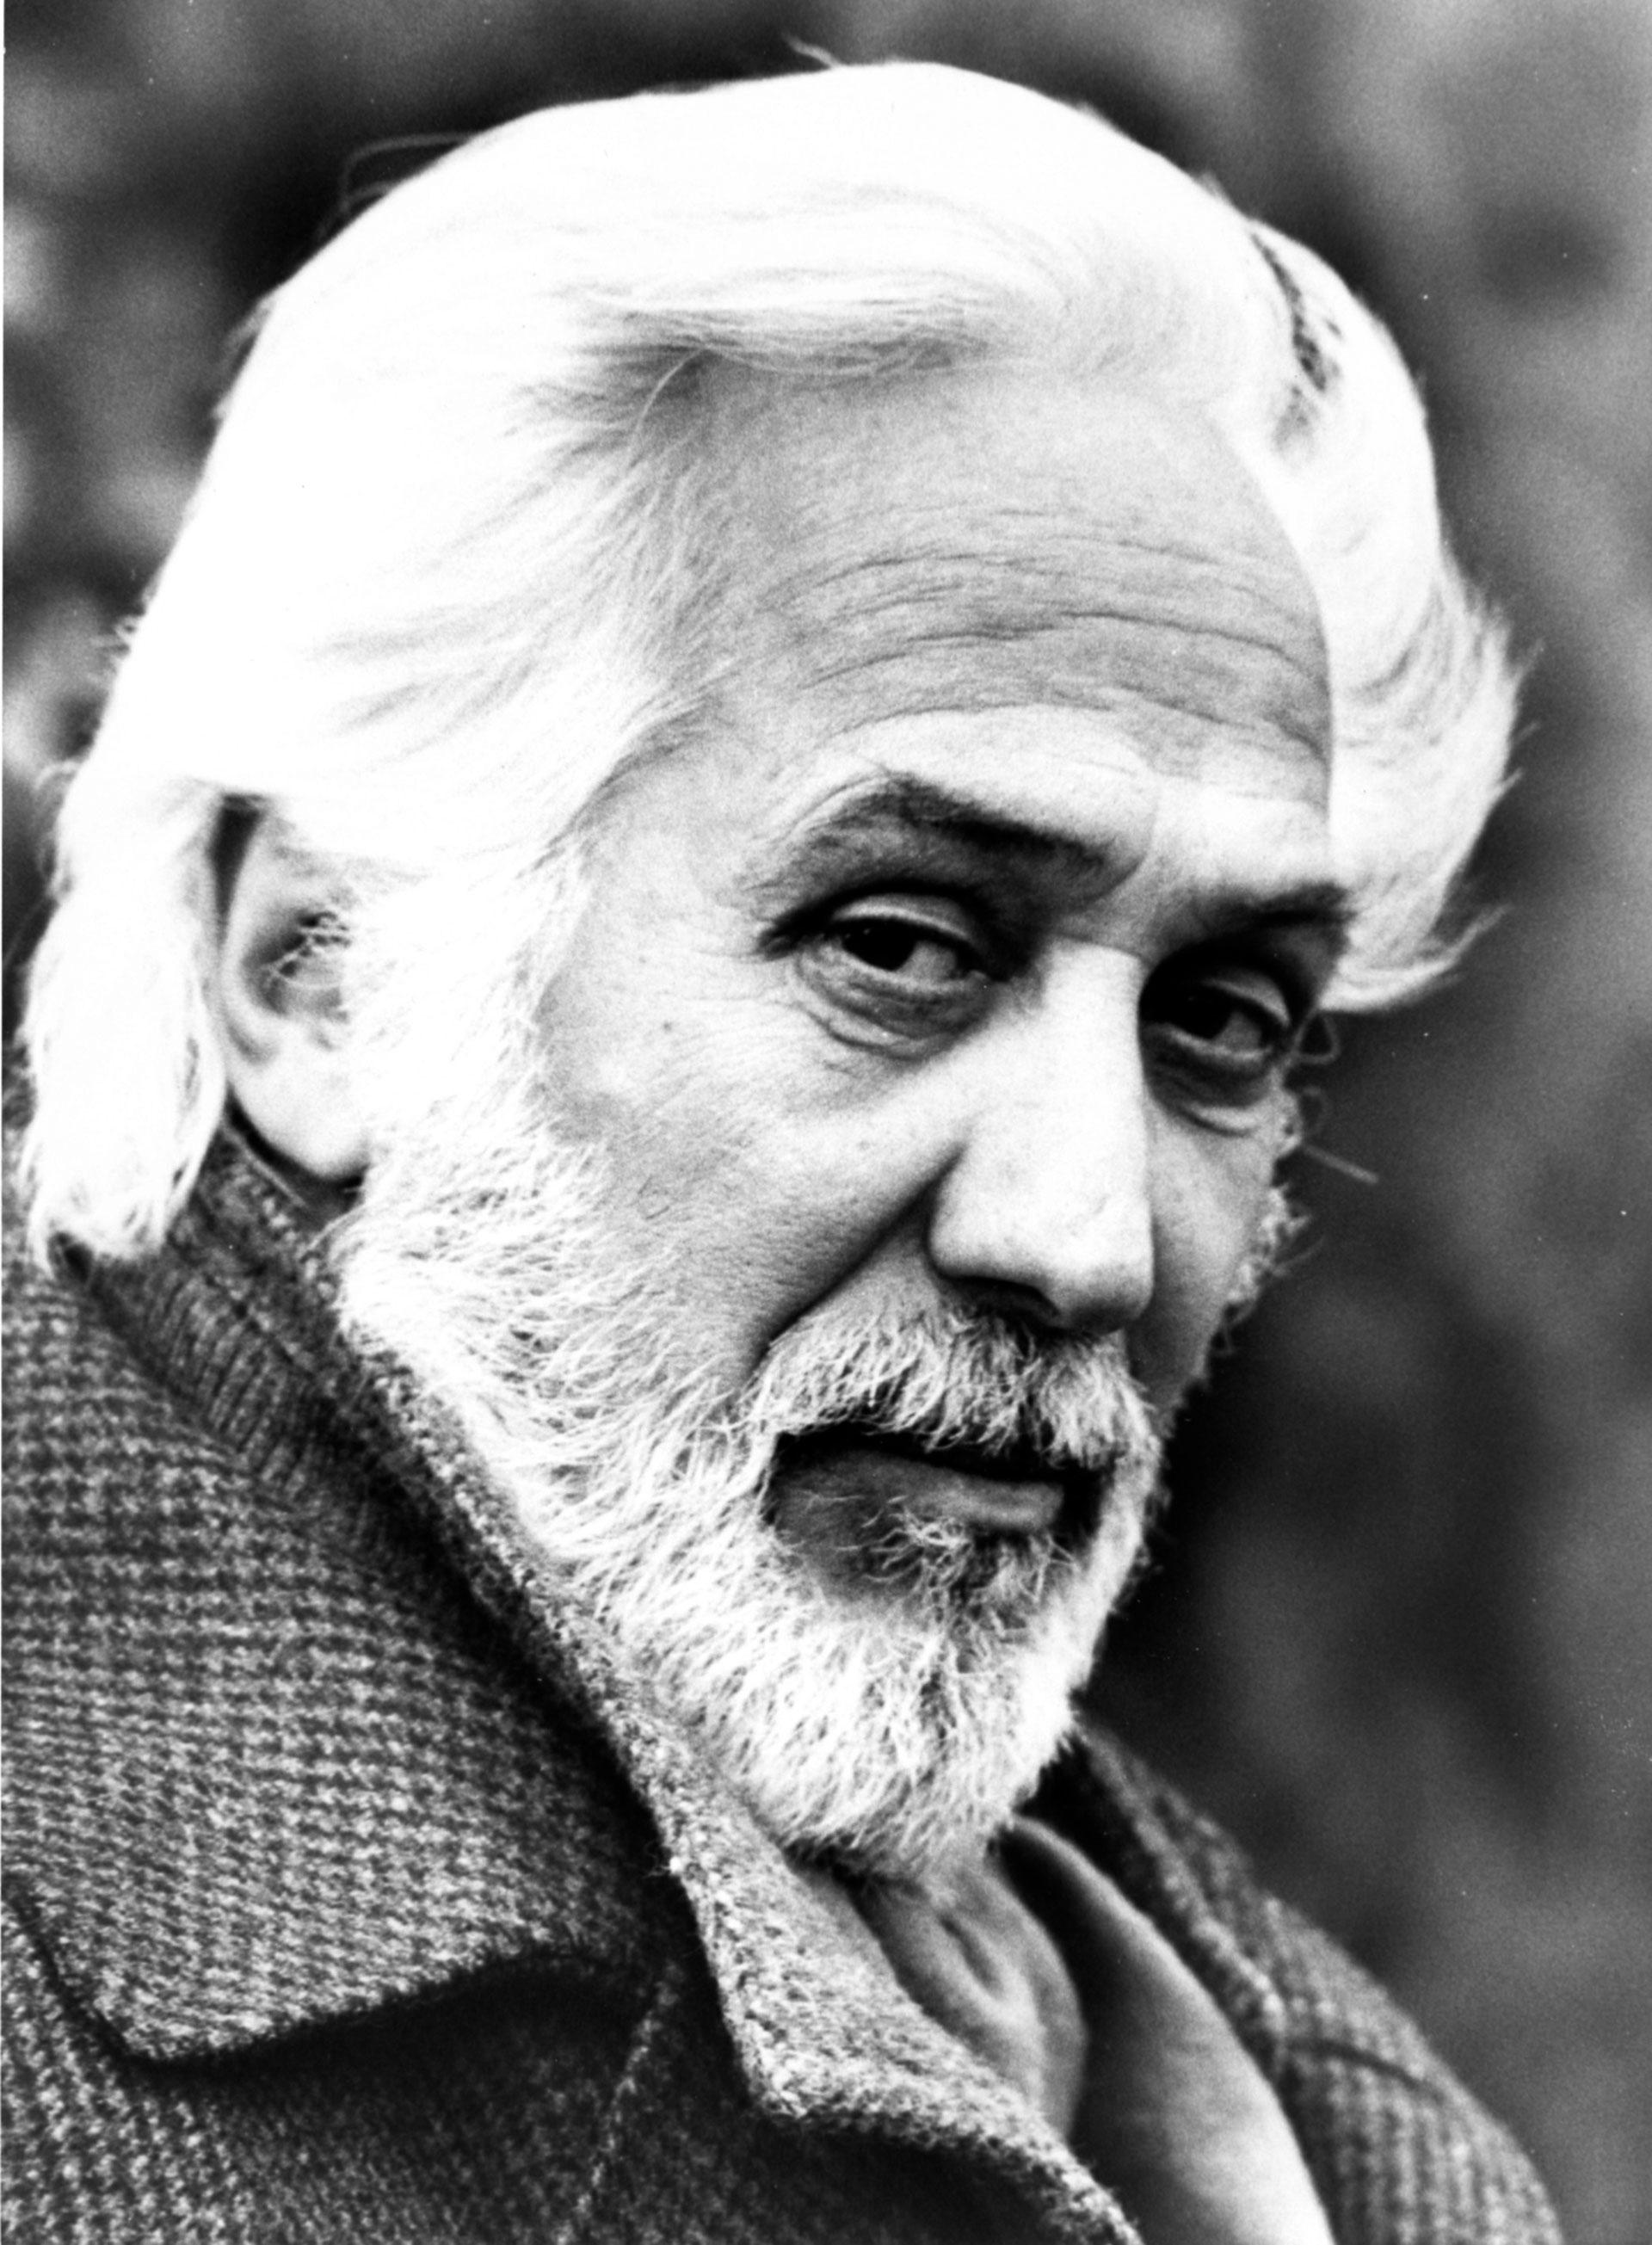 Federico Luppi (Crédito fotos: archivo Atlántida-Televisa)